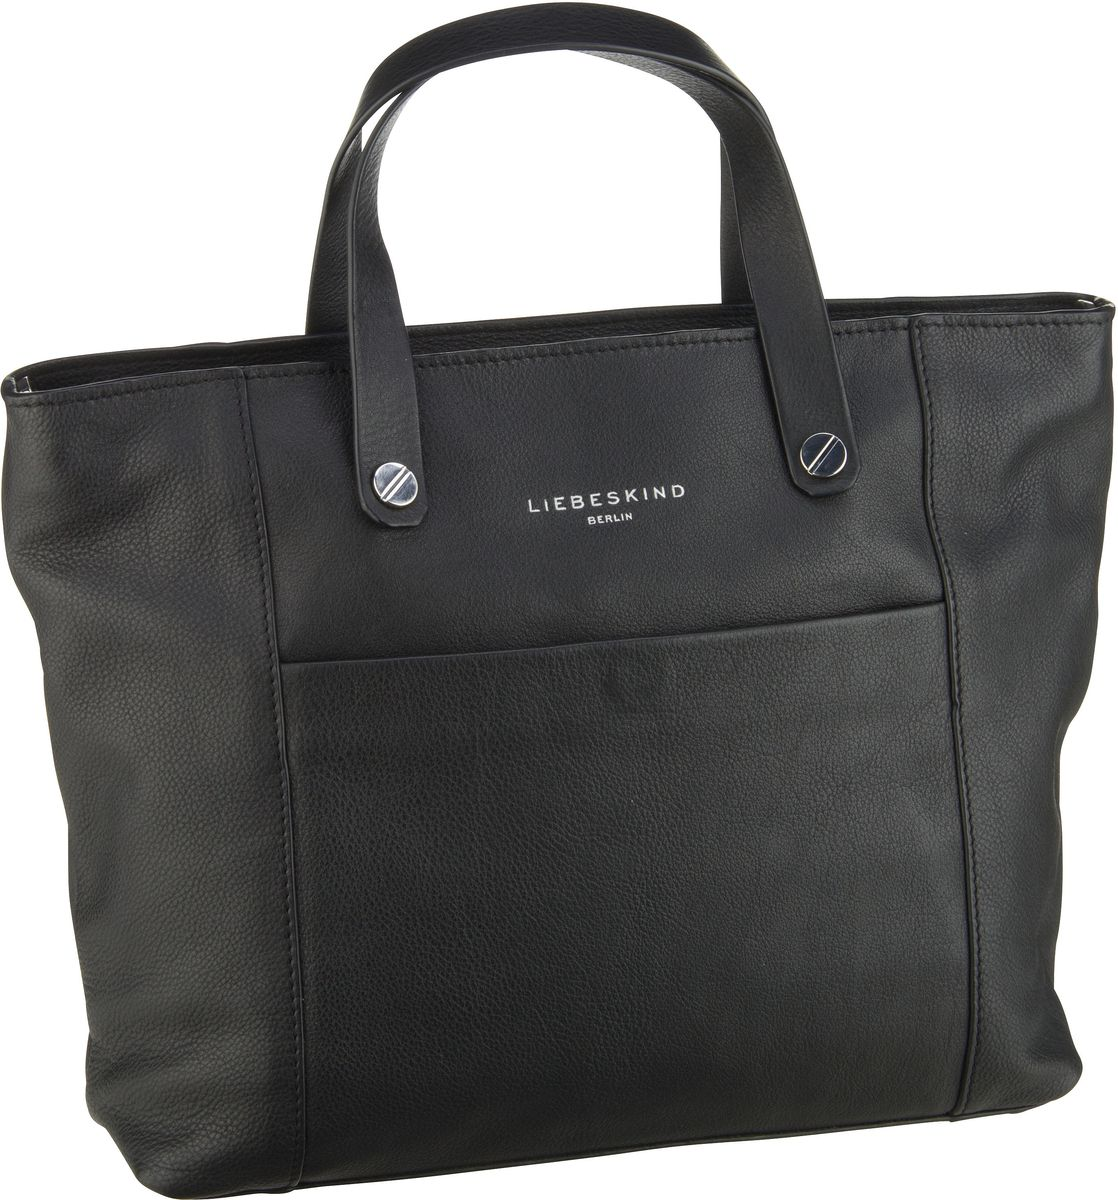 Berlin Handtasche Just Love Tote M Black